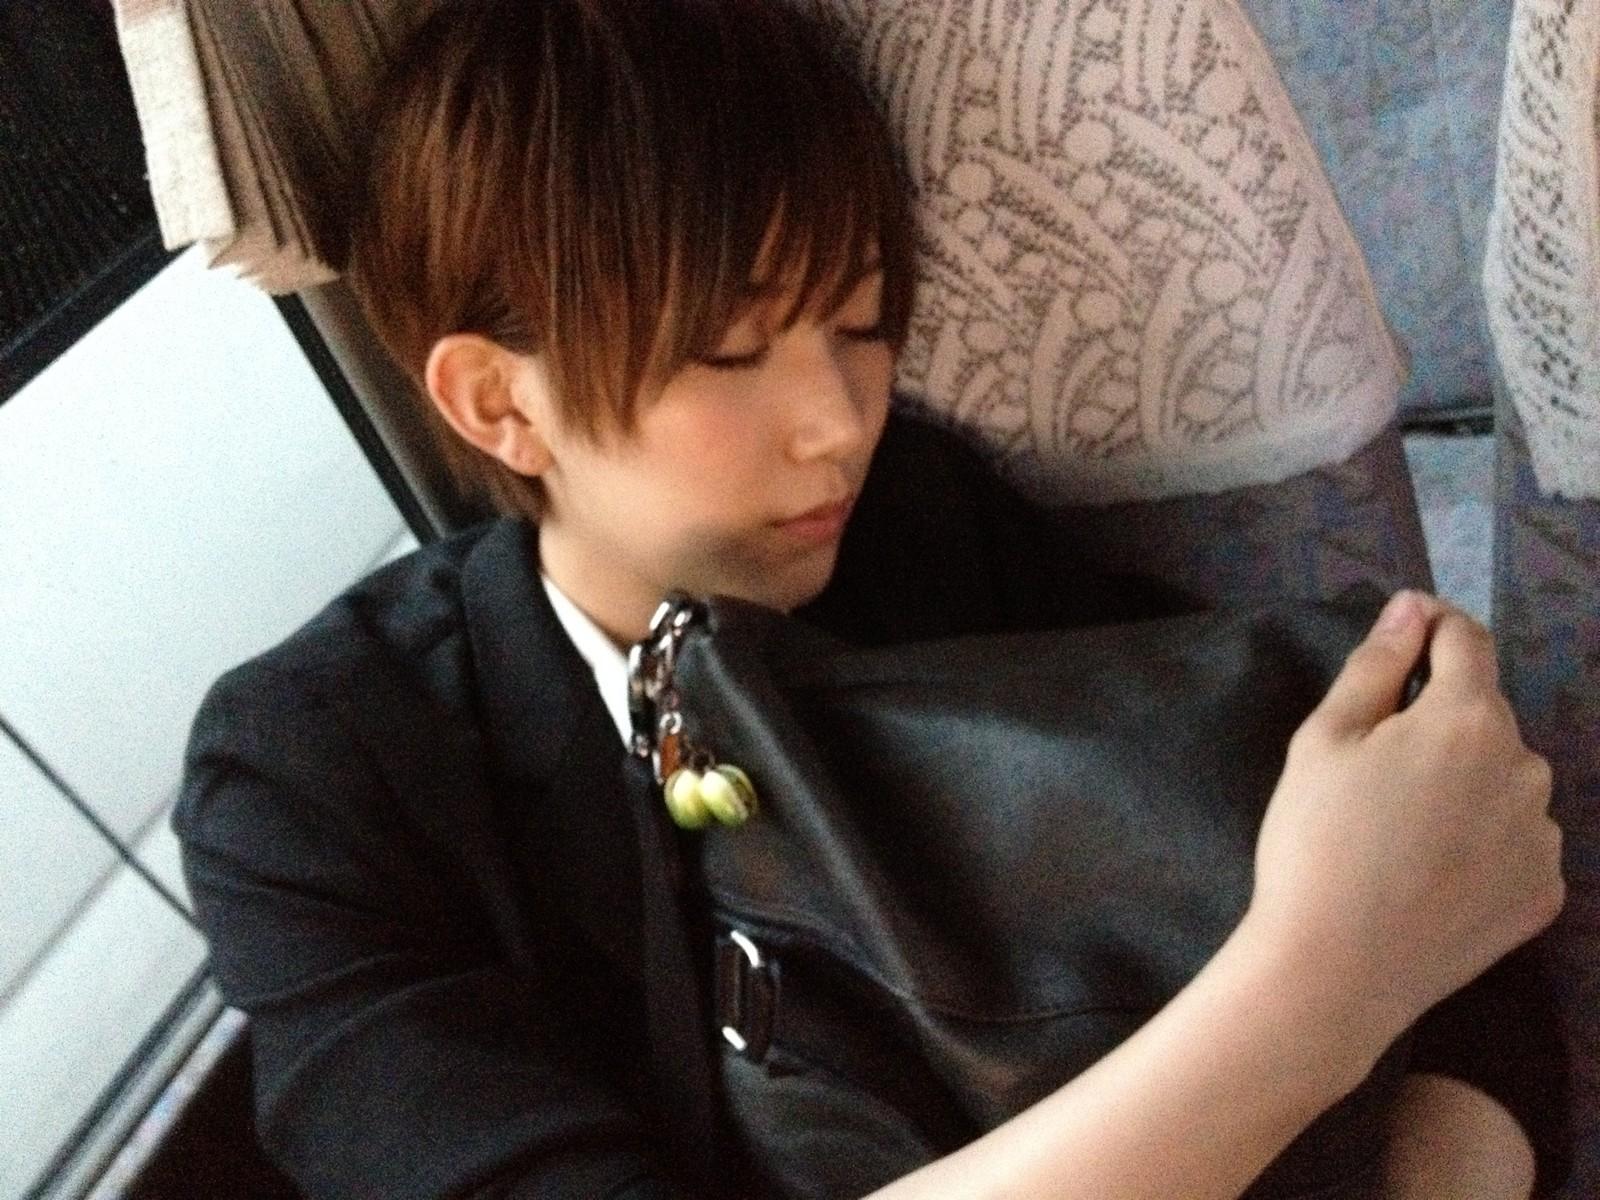 AKB48【かわいい寝顔】まとめ : 『癒される!』可愛い女の子寝顔まとめ - NAVER まとめ